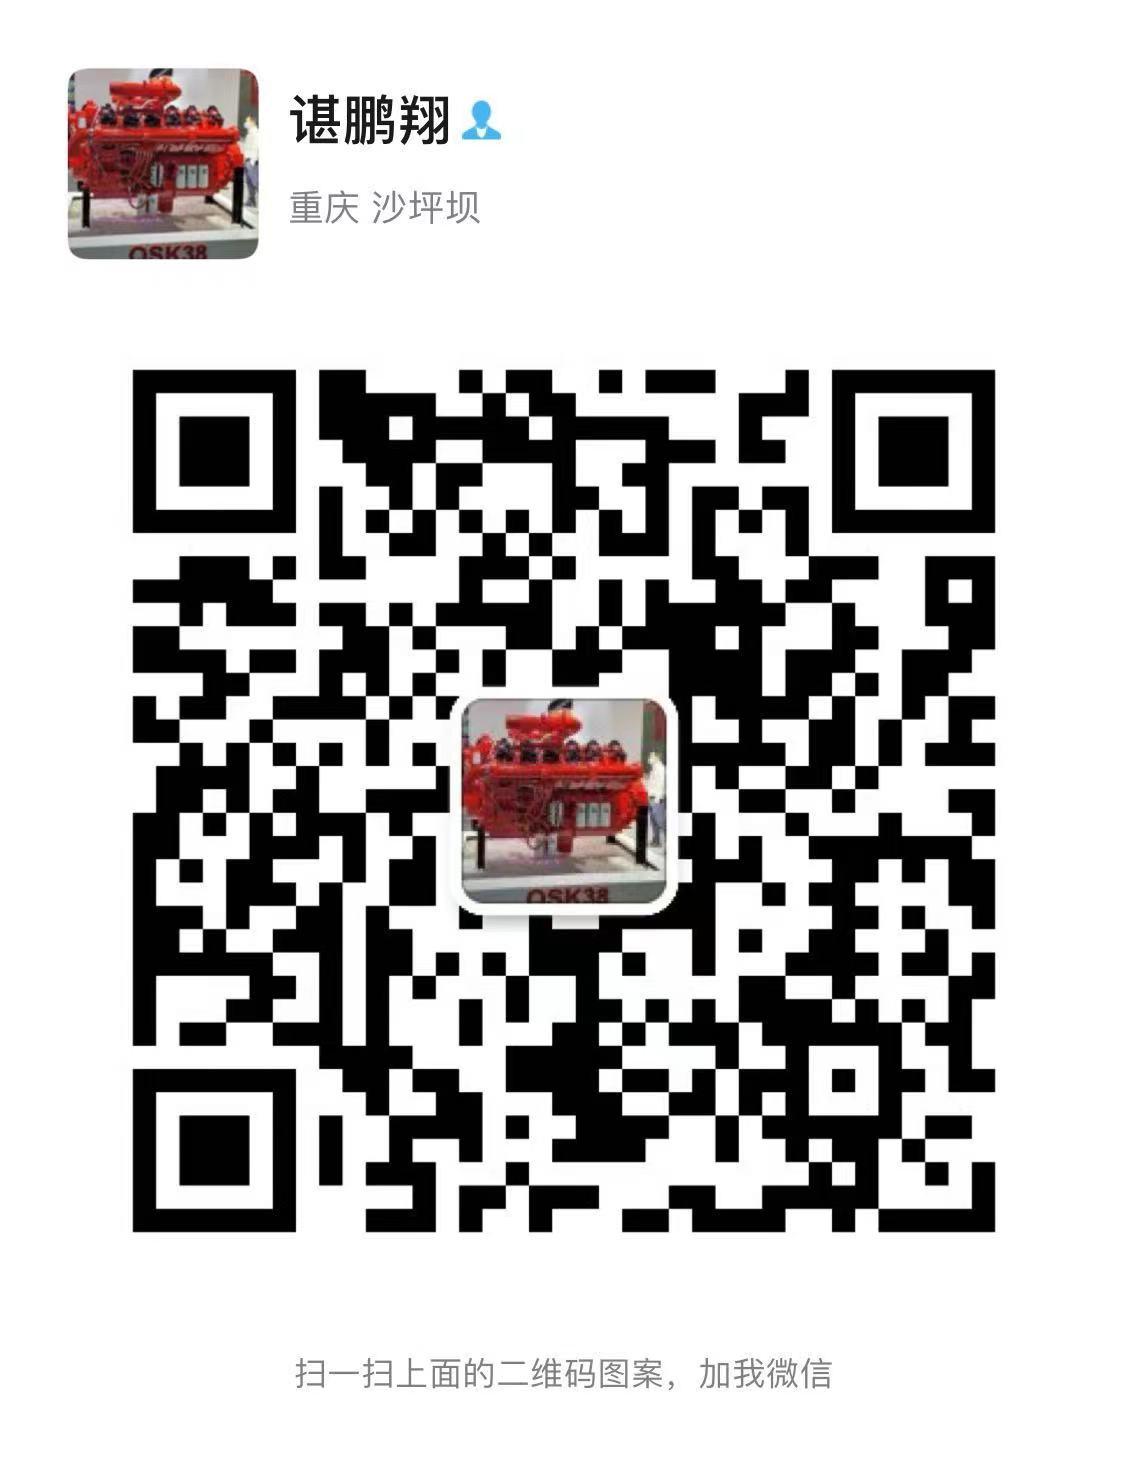 微信图片_20210726095253.jpg